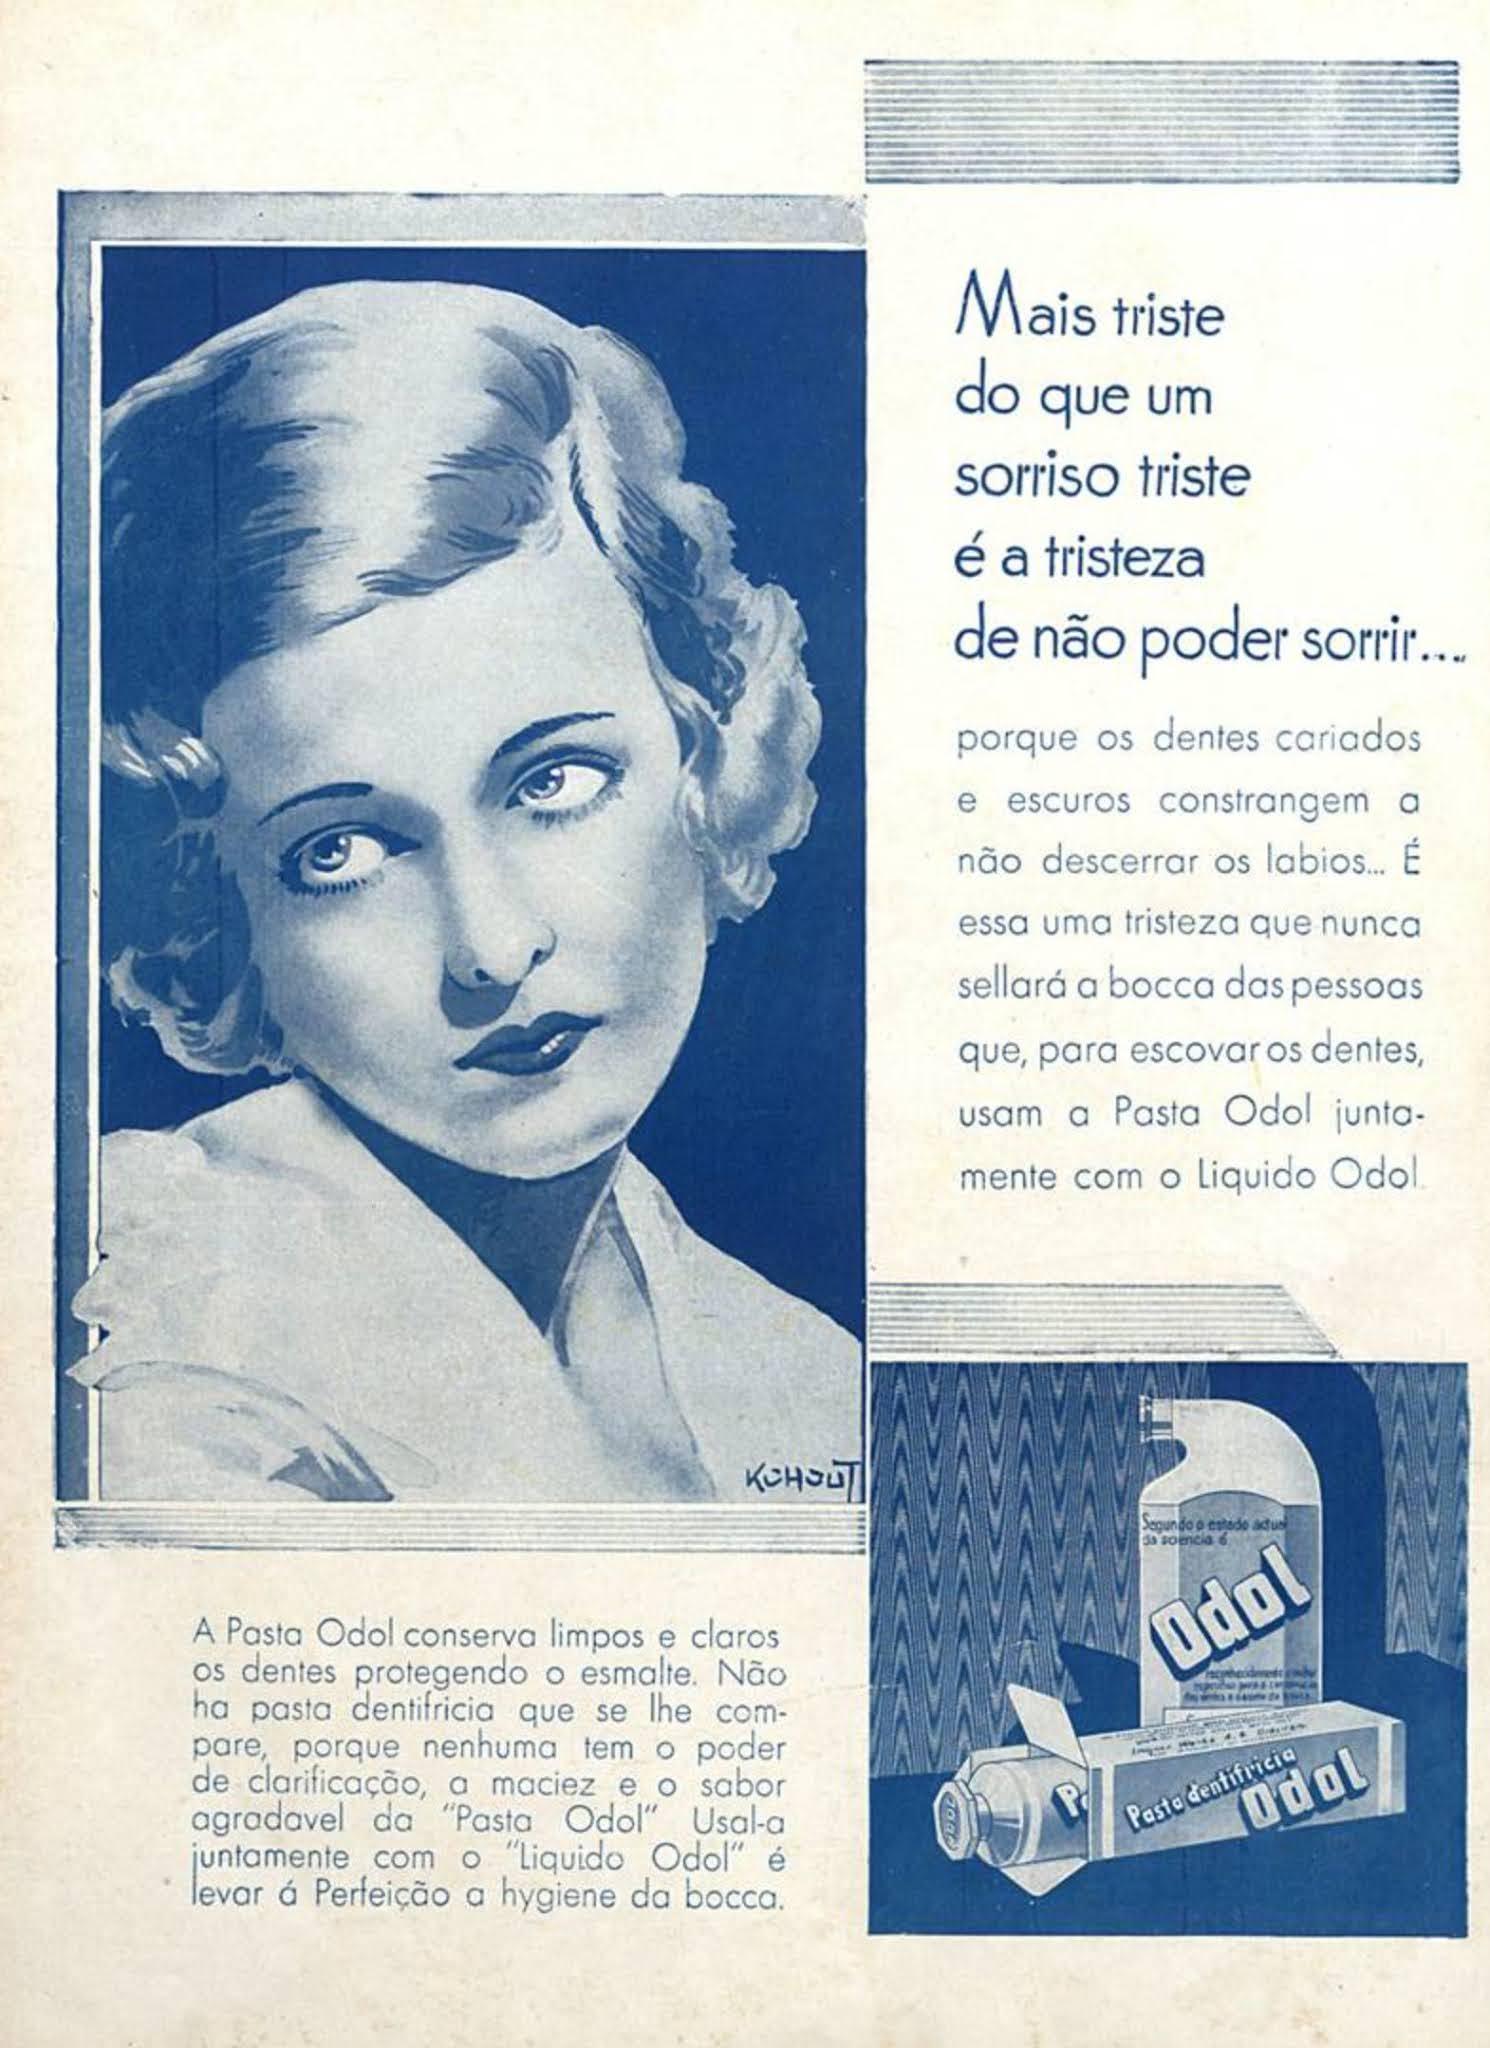 Anúncio antigo do Creme Dental Odor veiculado em 1932